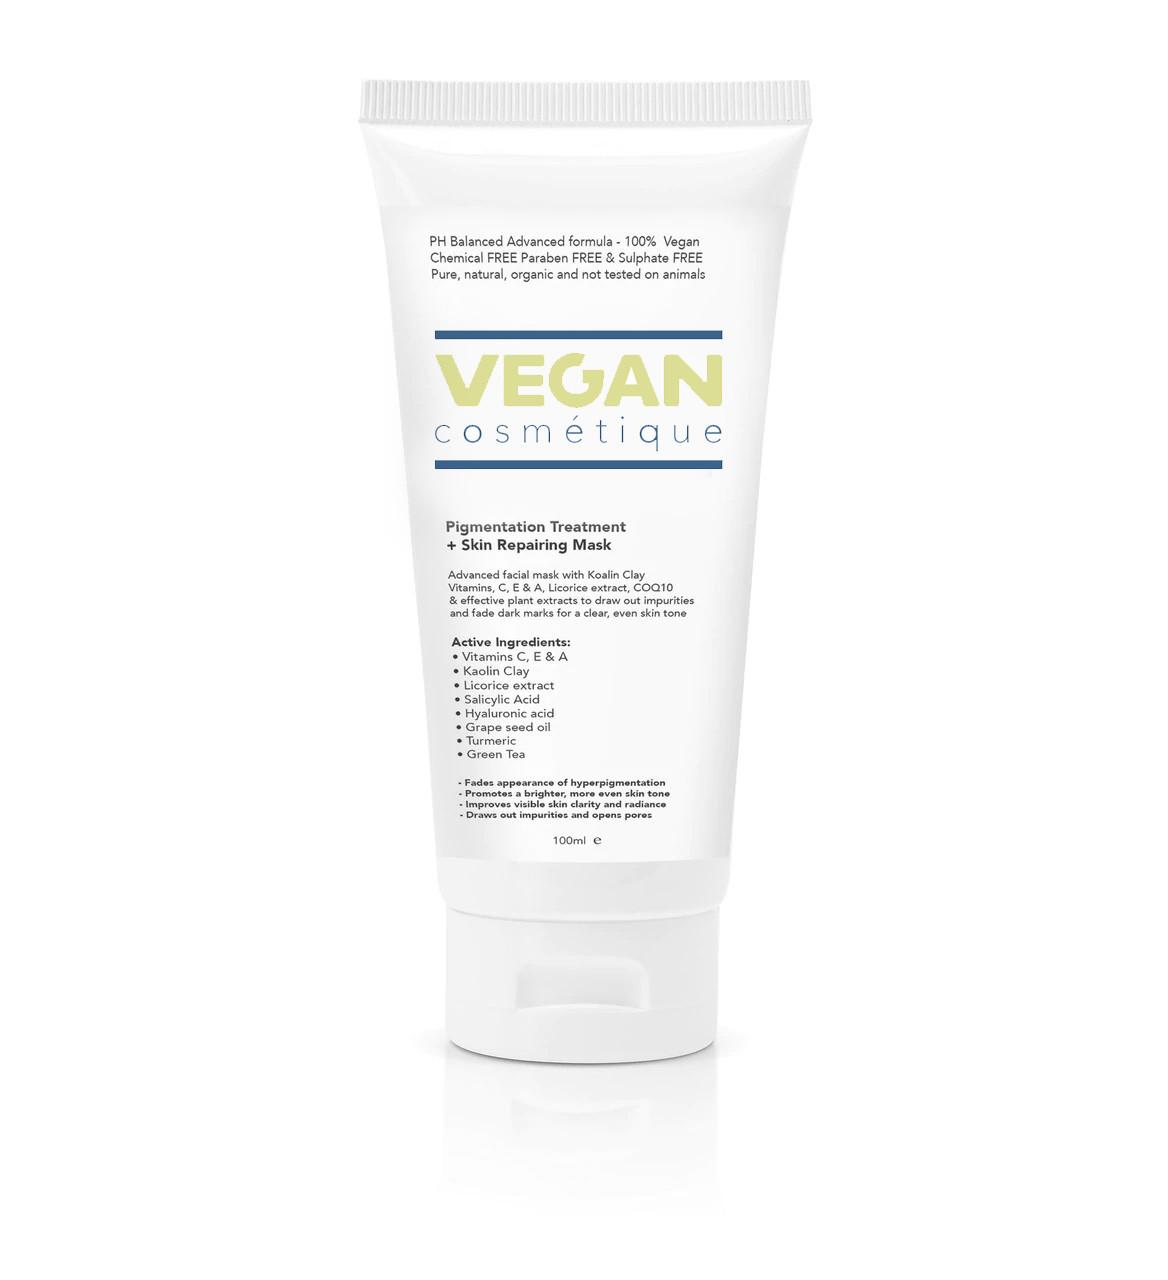 Vegan Cosmetics - Pigmentation Treatment + Skin Repairing Mask